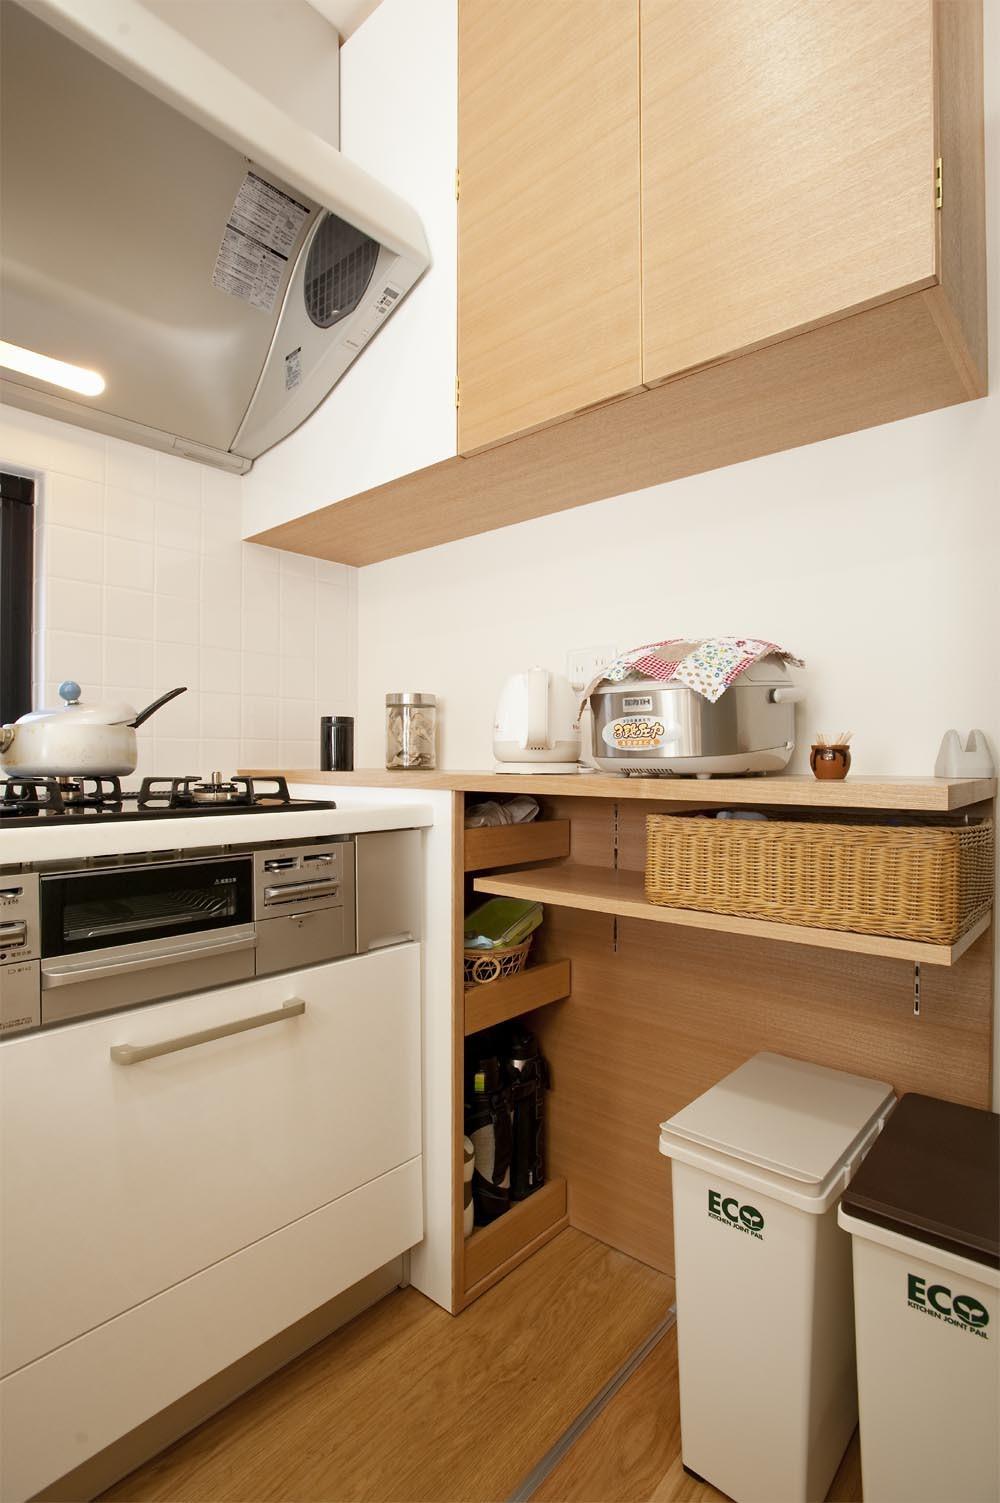 収納事例:キッチン収納(30センチからうまれた、広がりを感じるリビング)